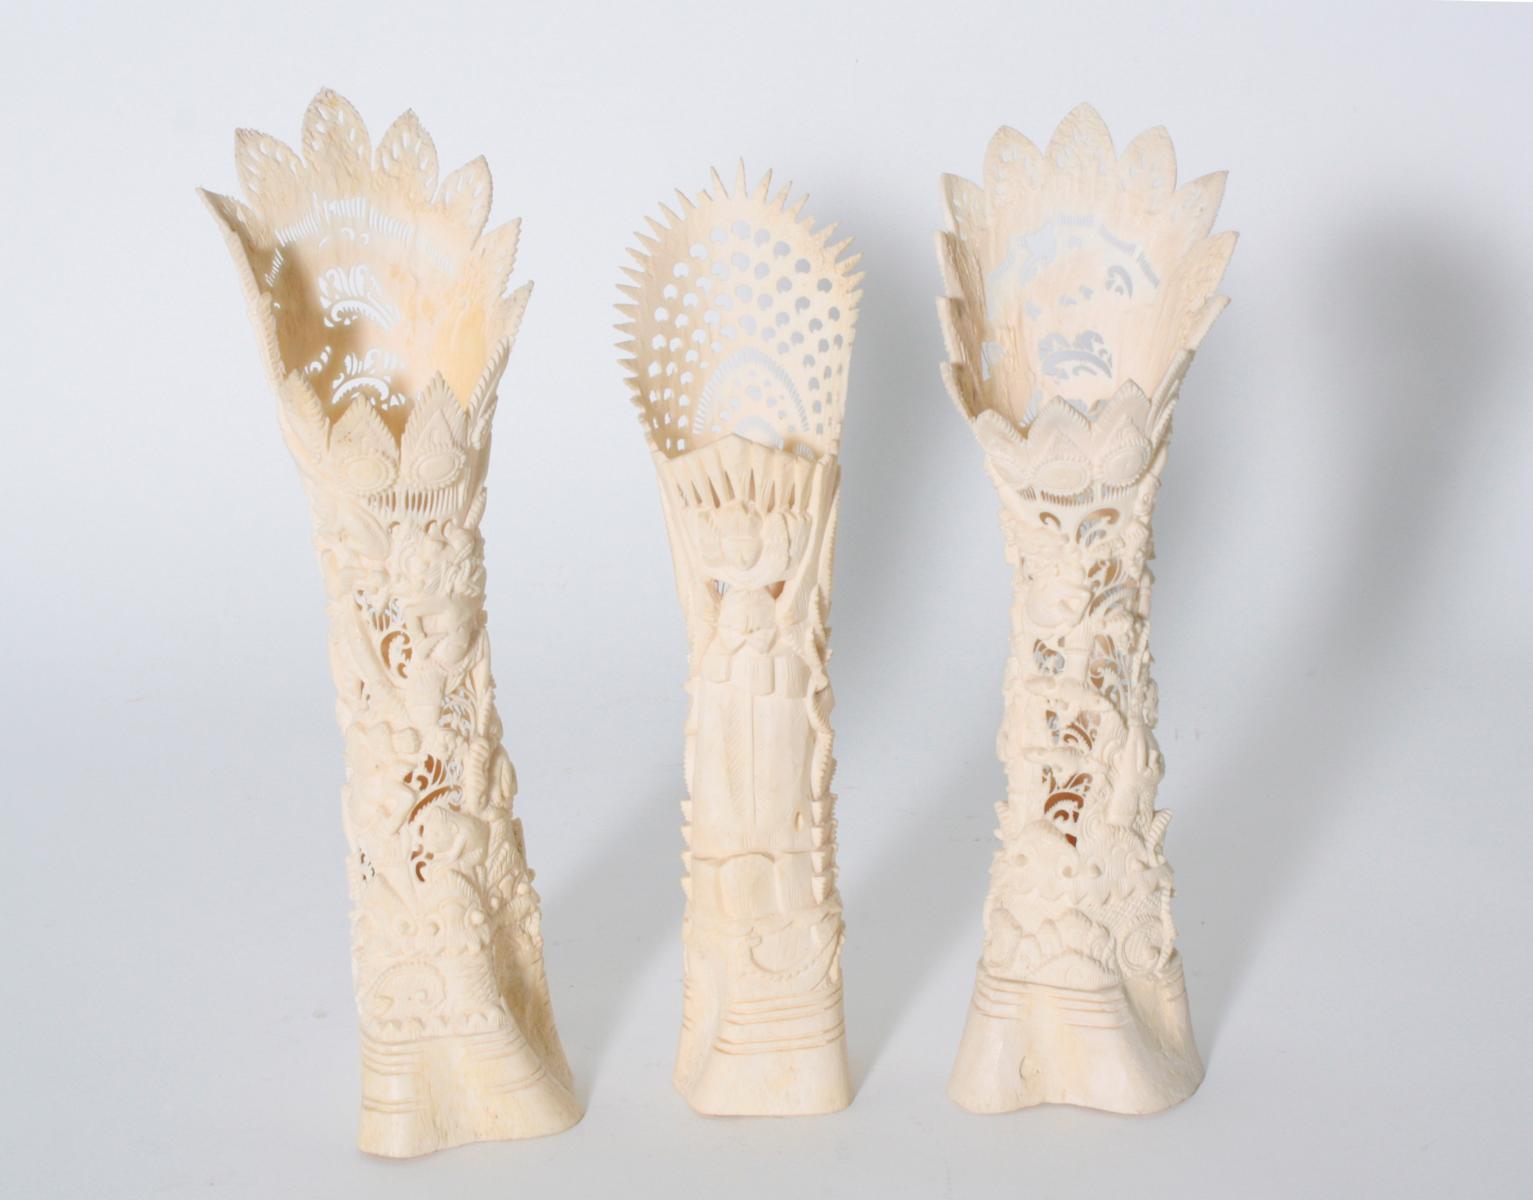 Drei Knochenschnitzereien, Indonesien, 2. Hälfte 20. Jahrhundert-3